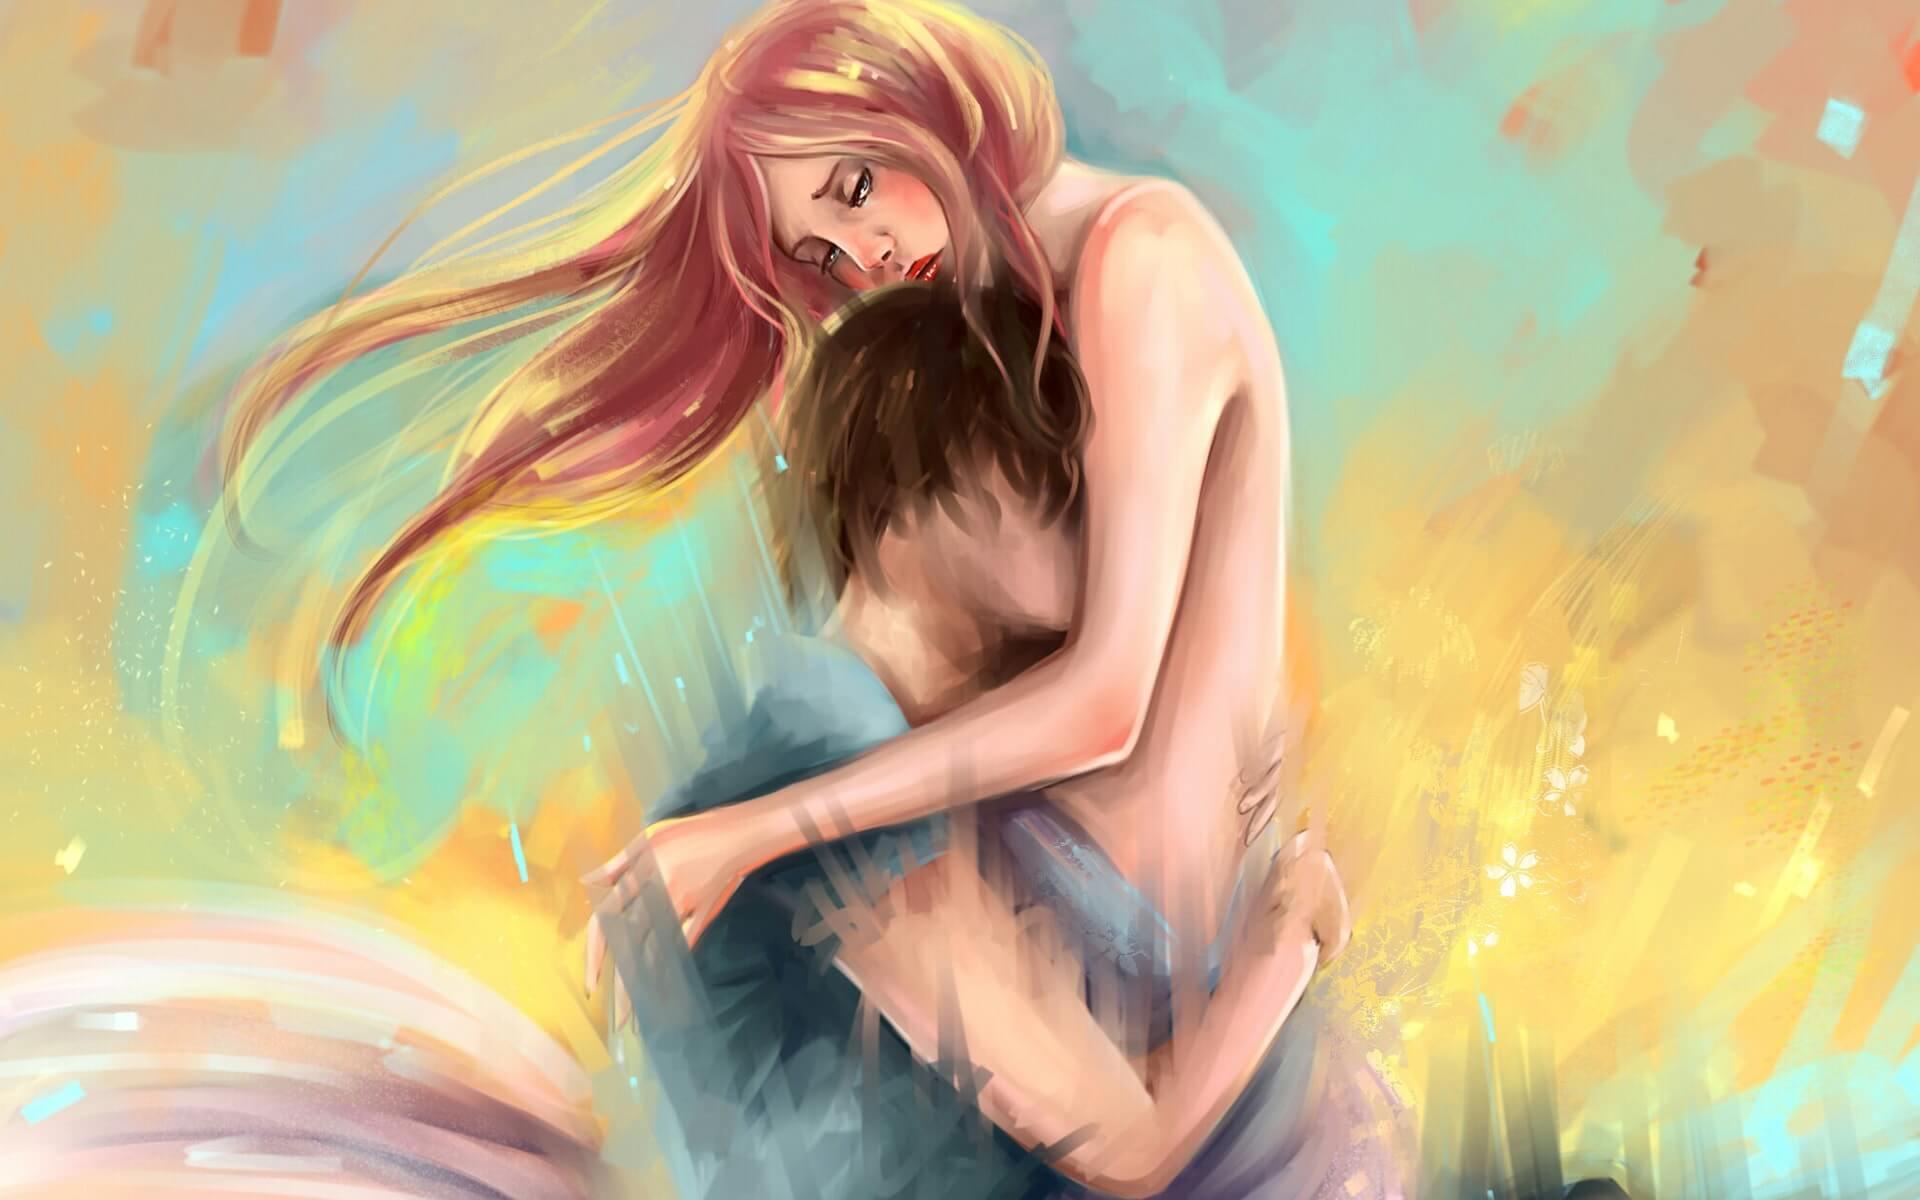 Арт картинки про любовь и отношения - подборка (27 фото) 13